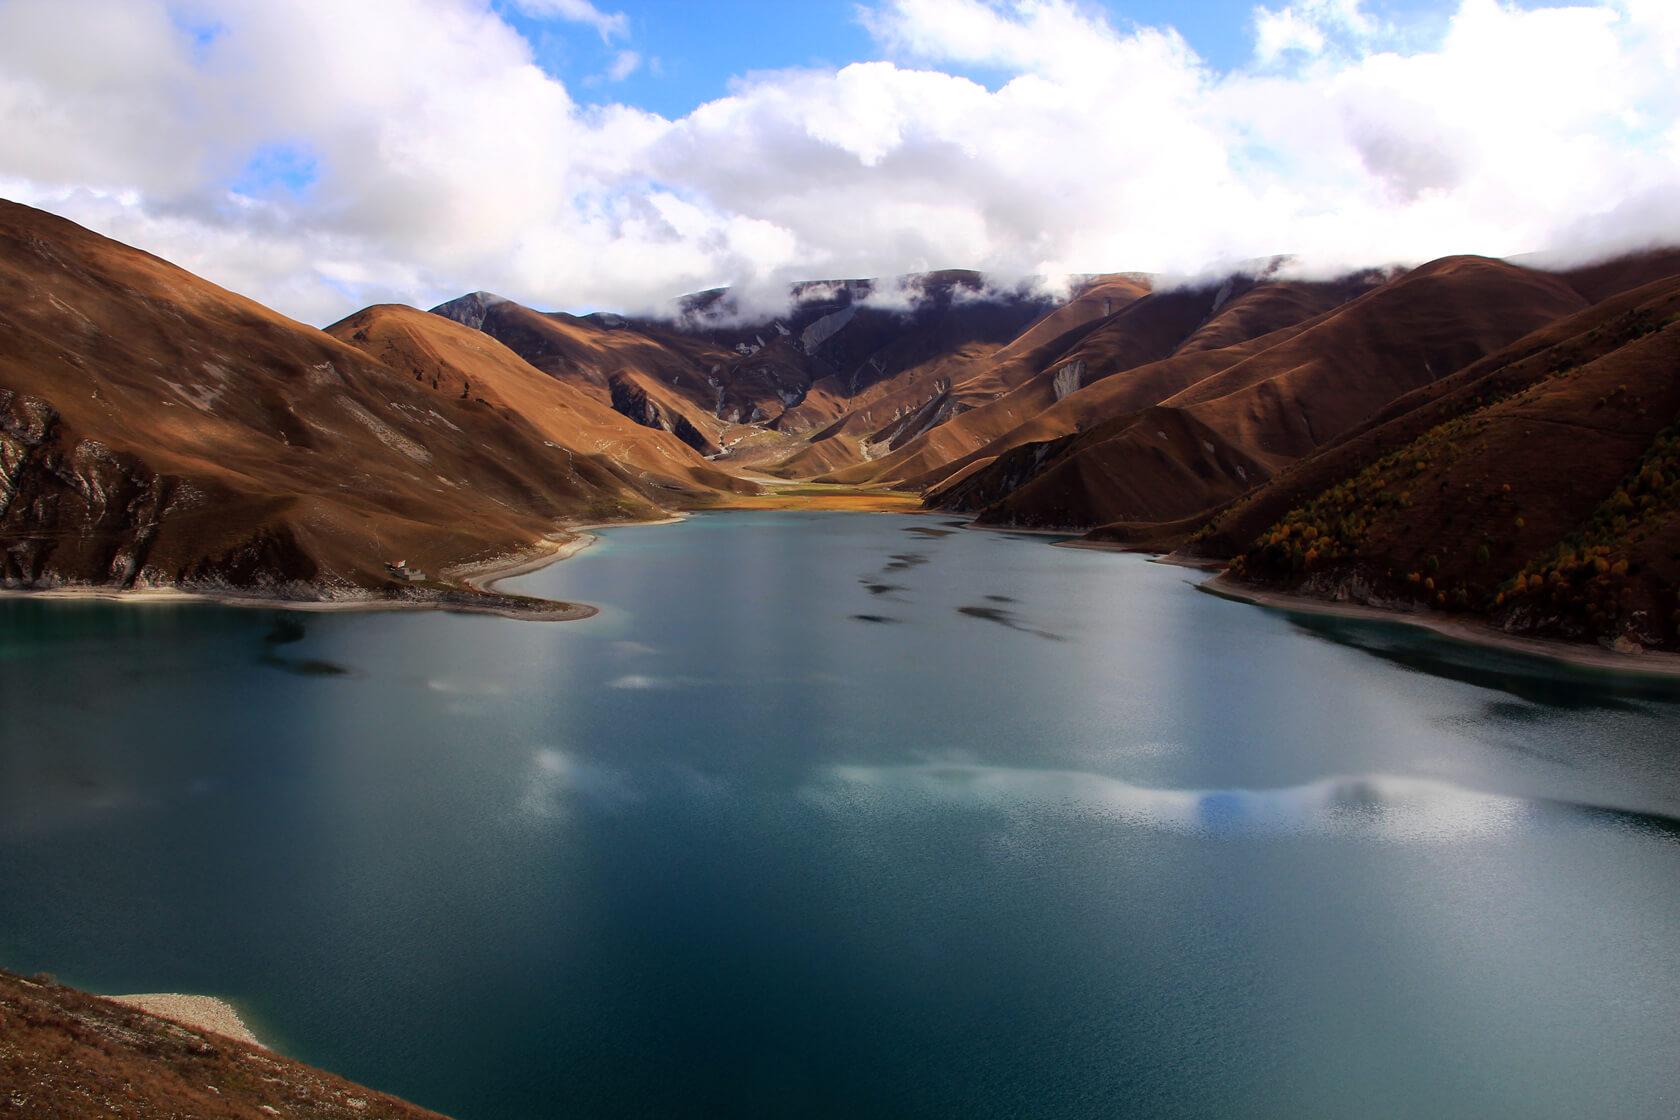 озеро Кезенойам Чечня